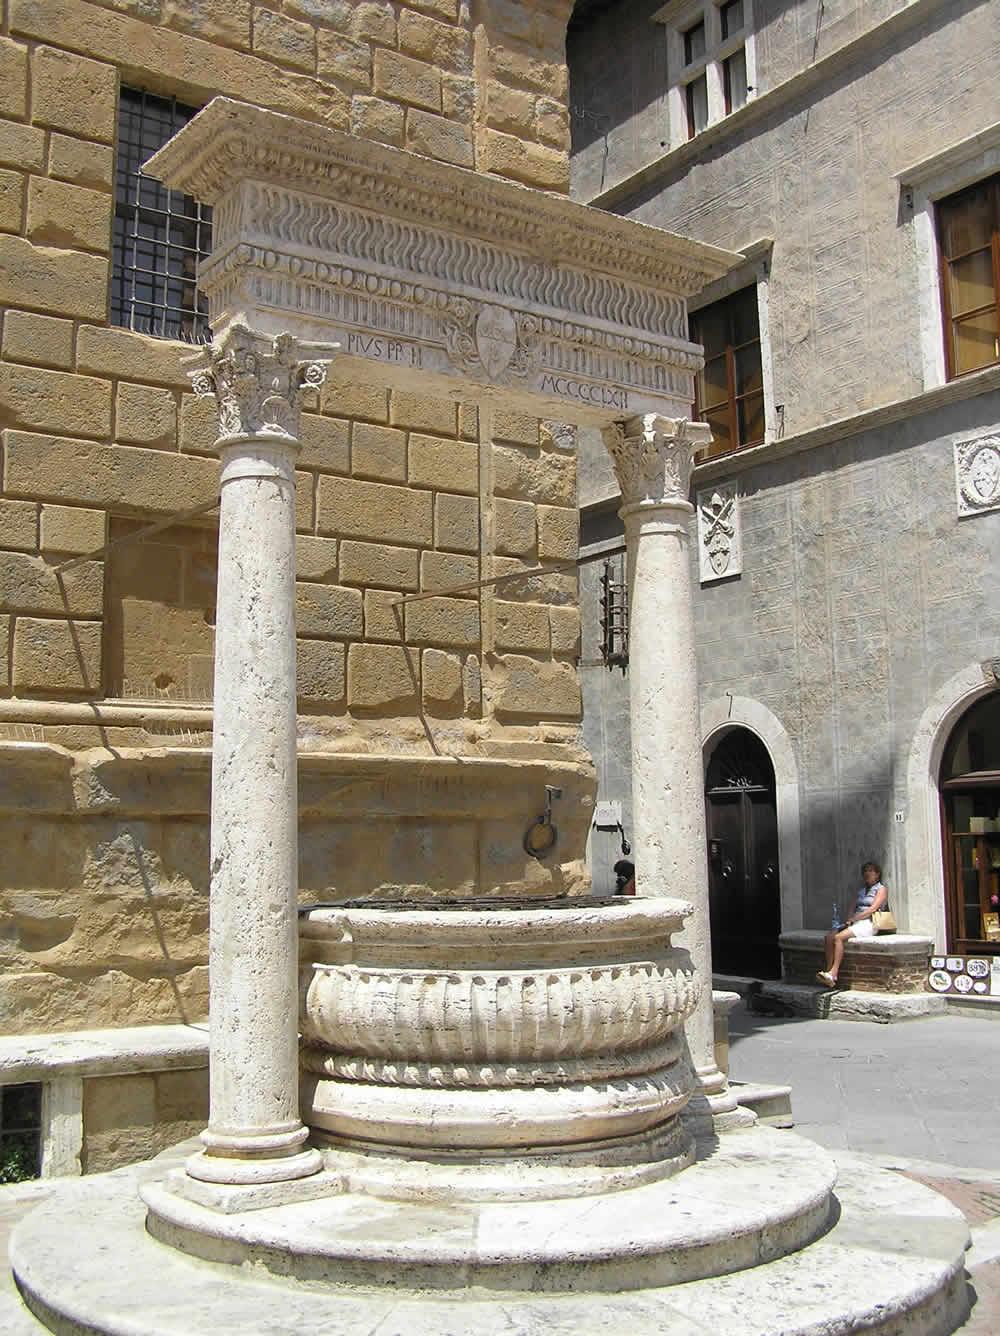 Pozzo del Rossellino, Piazza Pio II, Pienza, Val d'Orcia, Sienne. Auteur et Copyright Marco Ramerini.